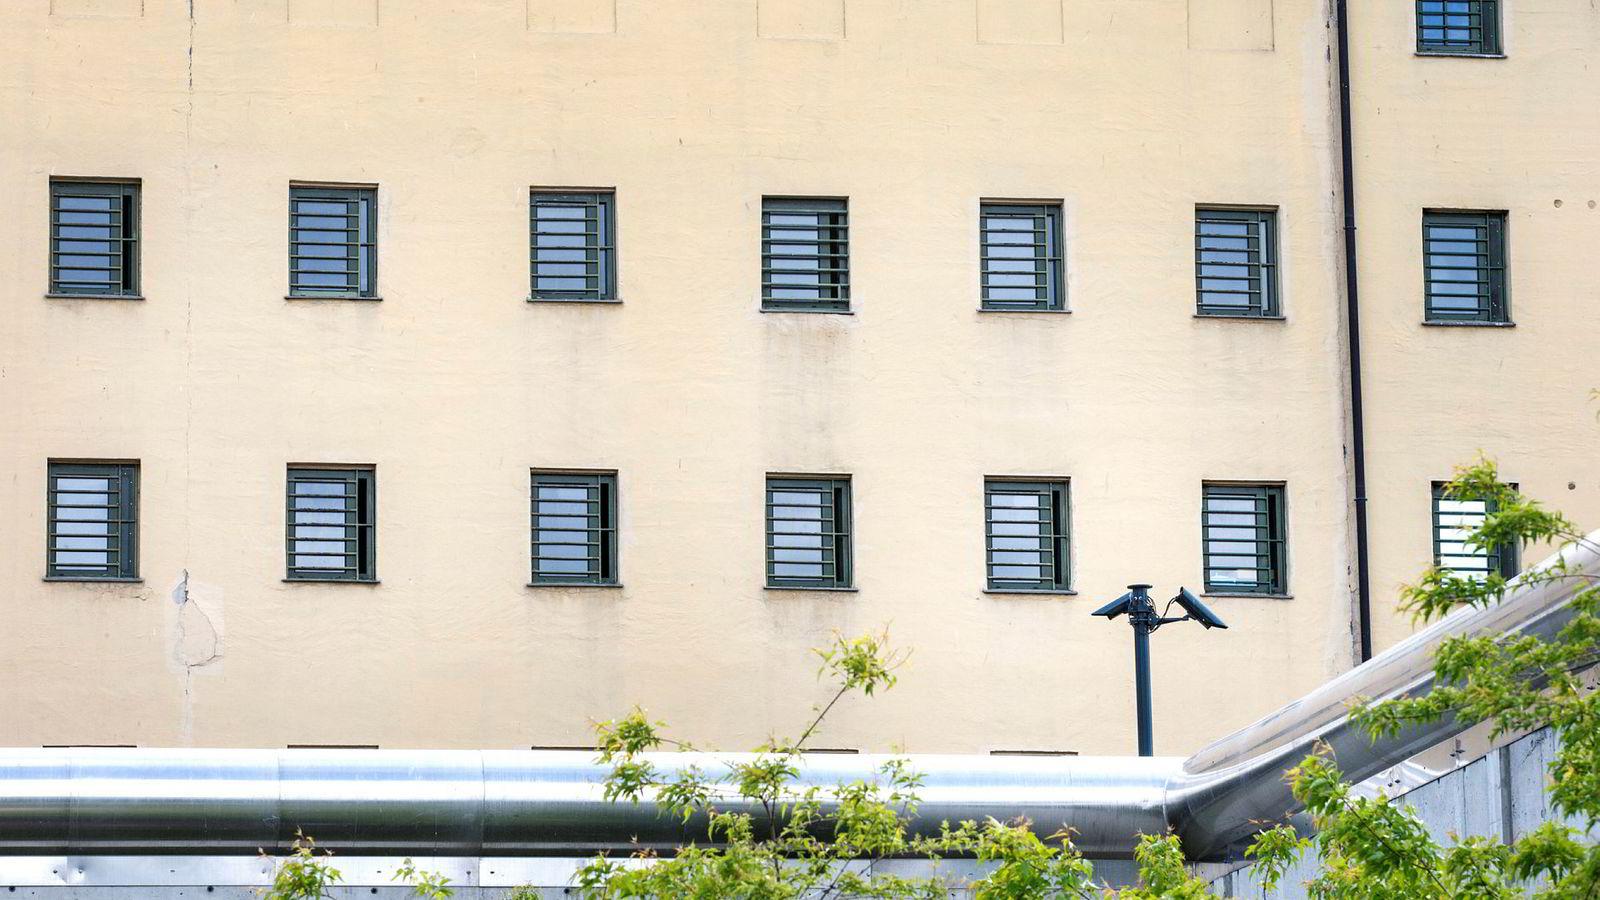 Syv fengselsavdelinger skal legges ned grunnet mindre behov for soningsplasser med lavt sikkerhetsnivå.